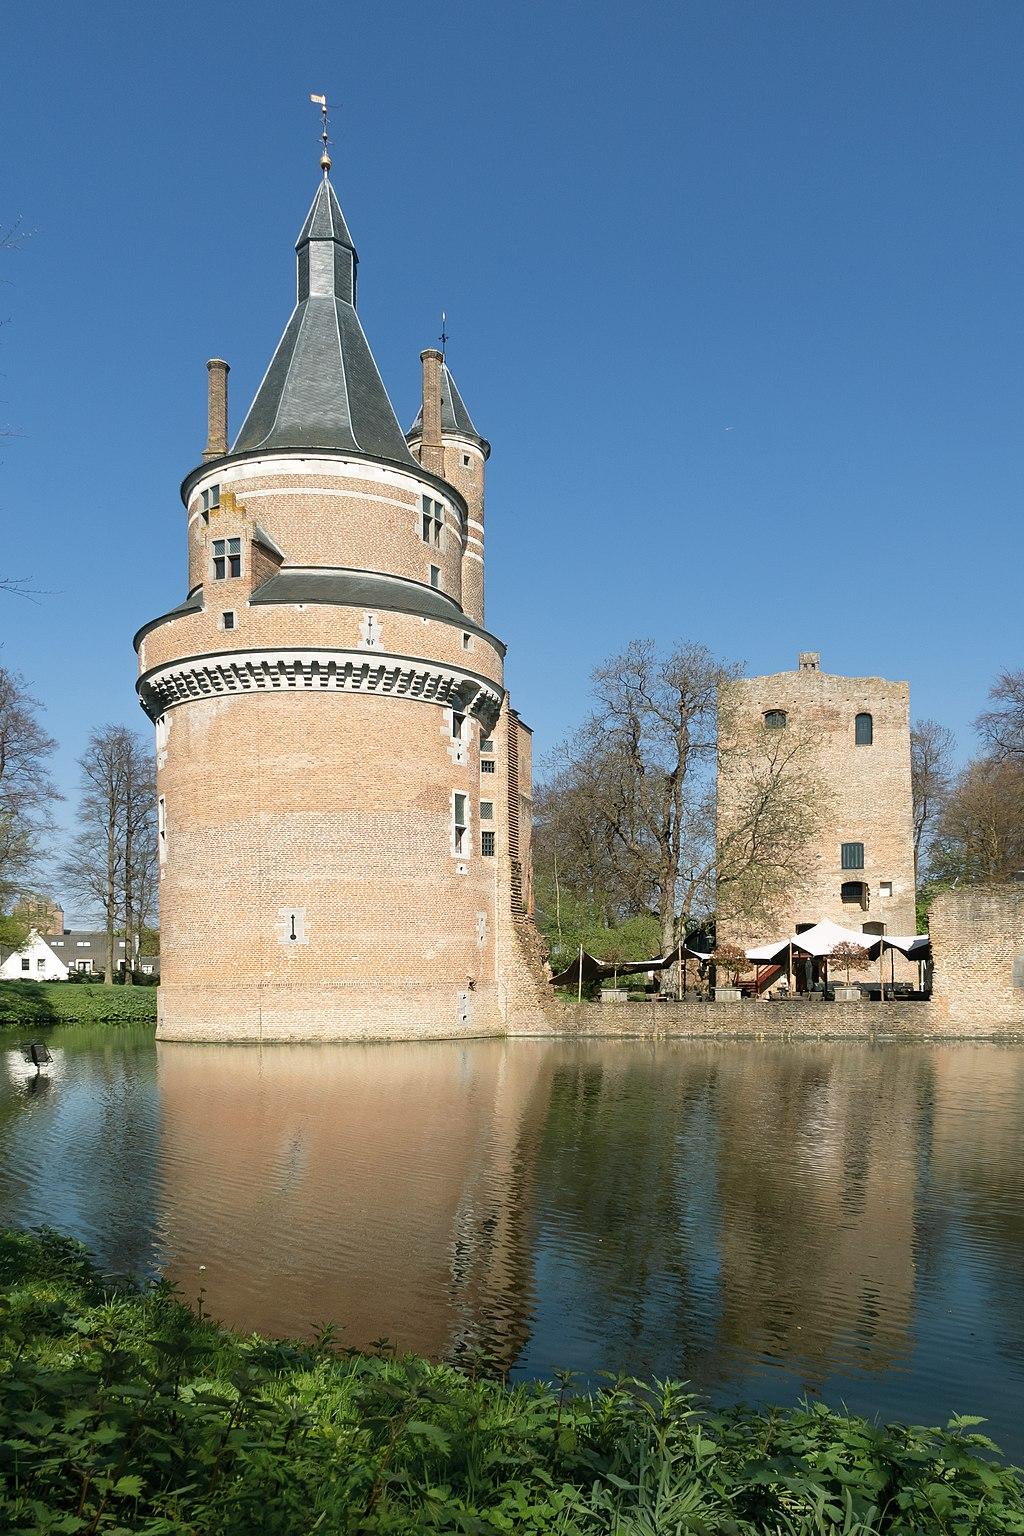 Wijk bij Duurstede, kasteel Duurstede RM454308 IMG 9213 2019-04-19 15.51